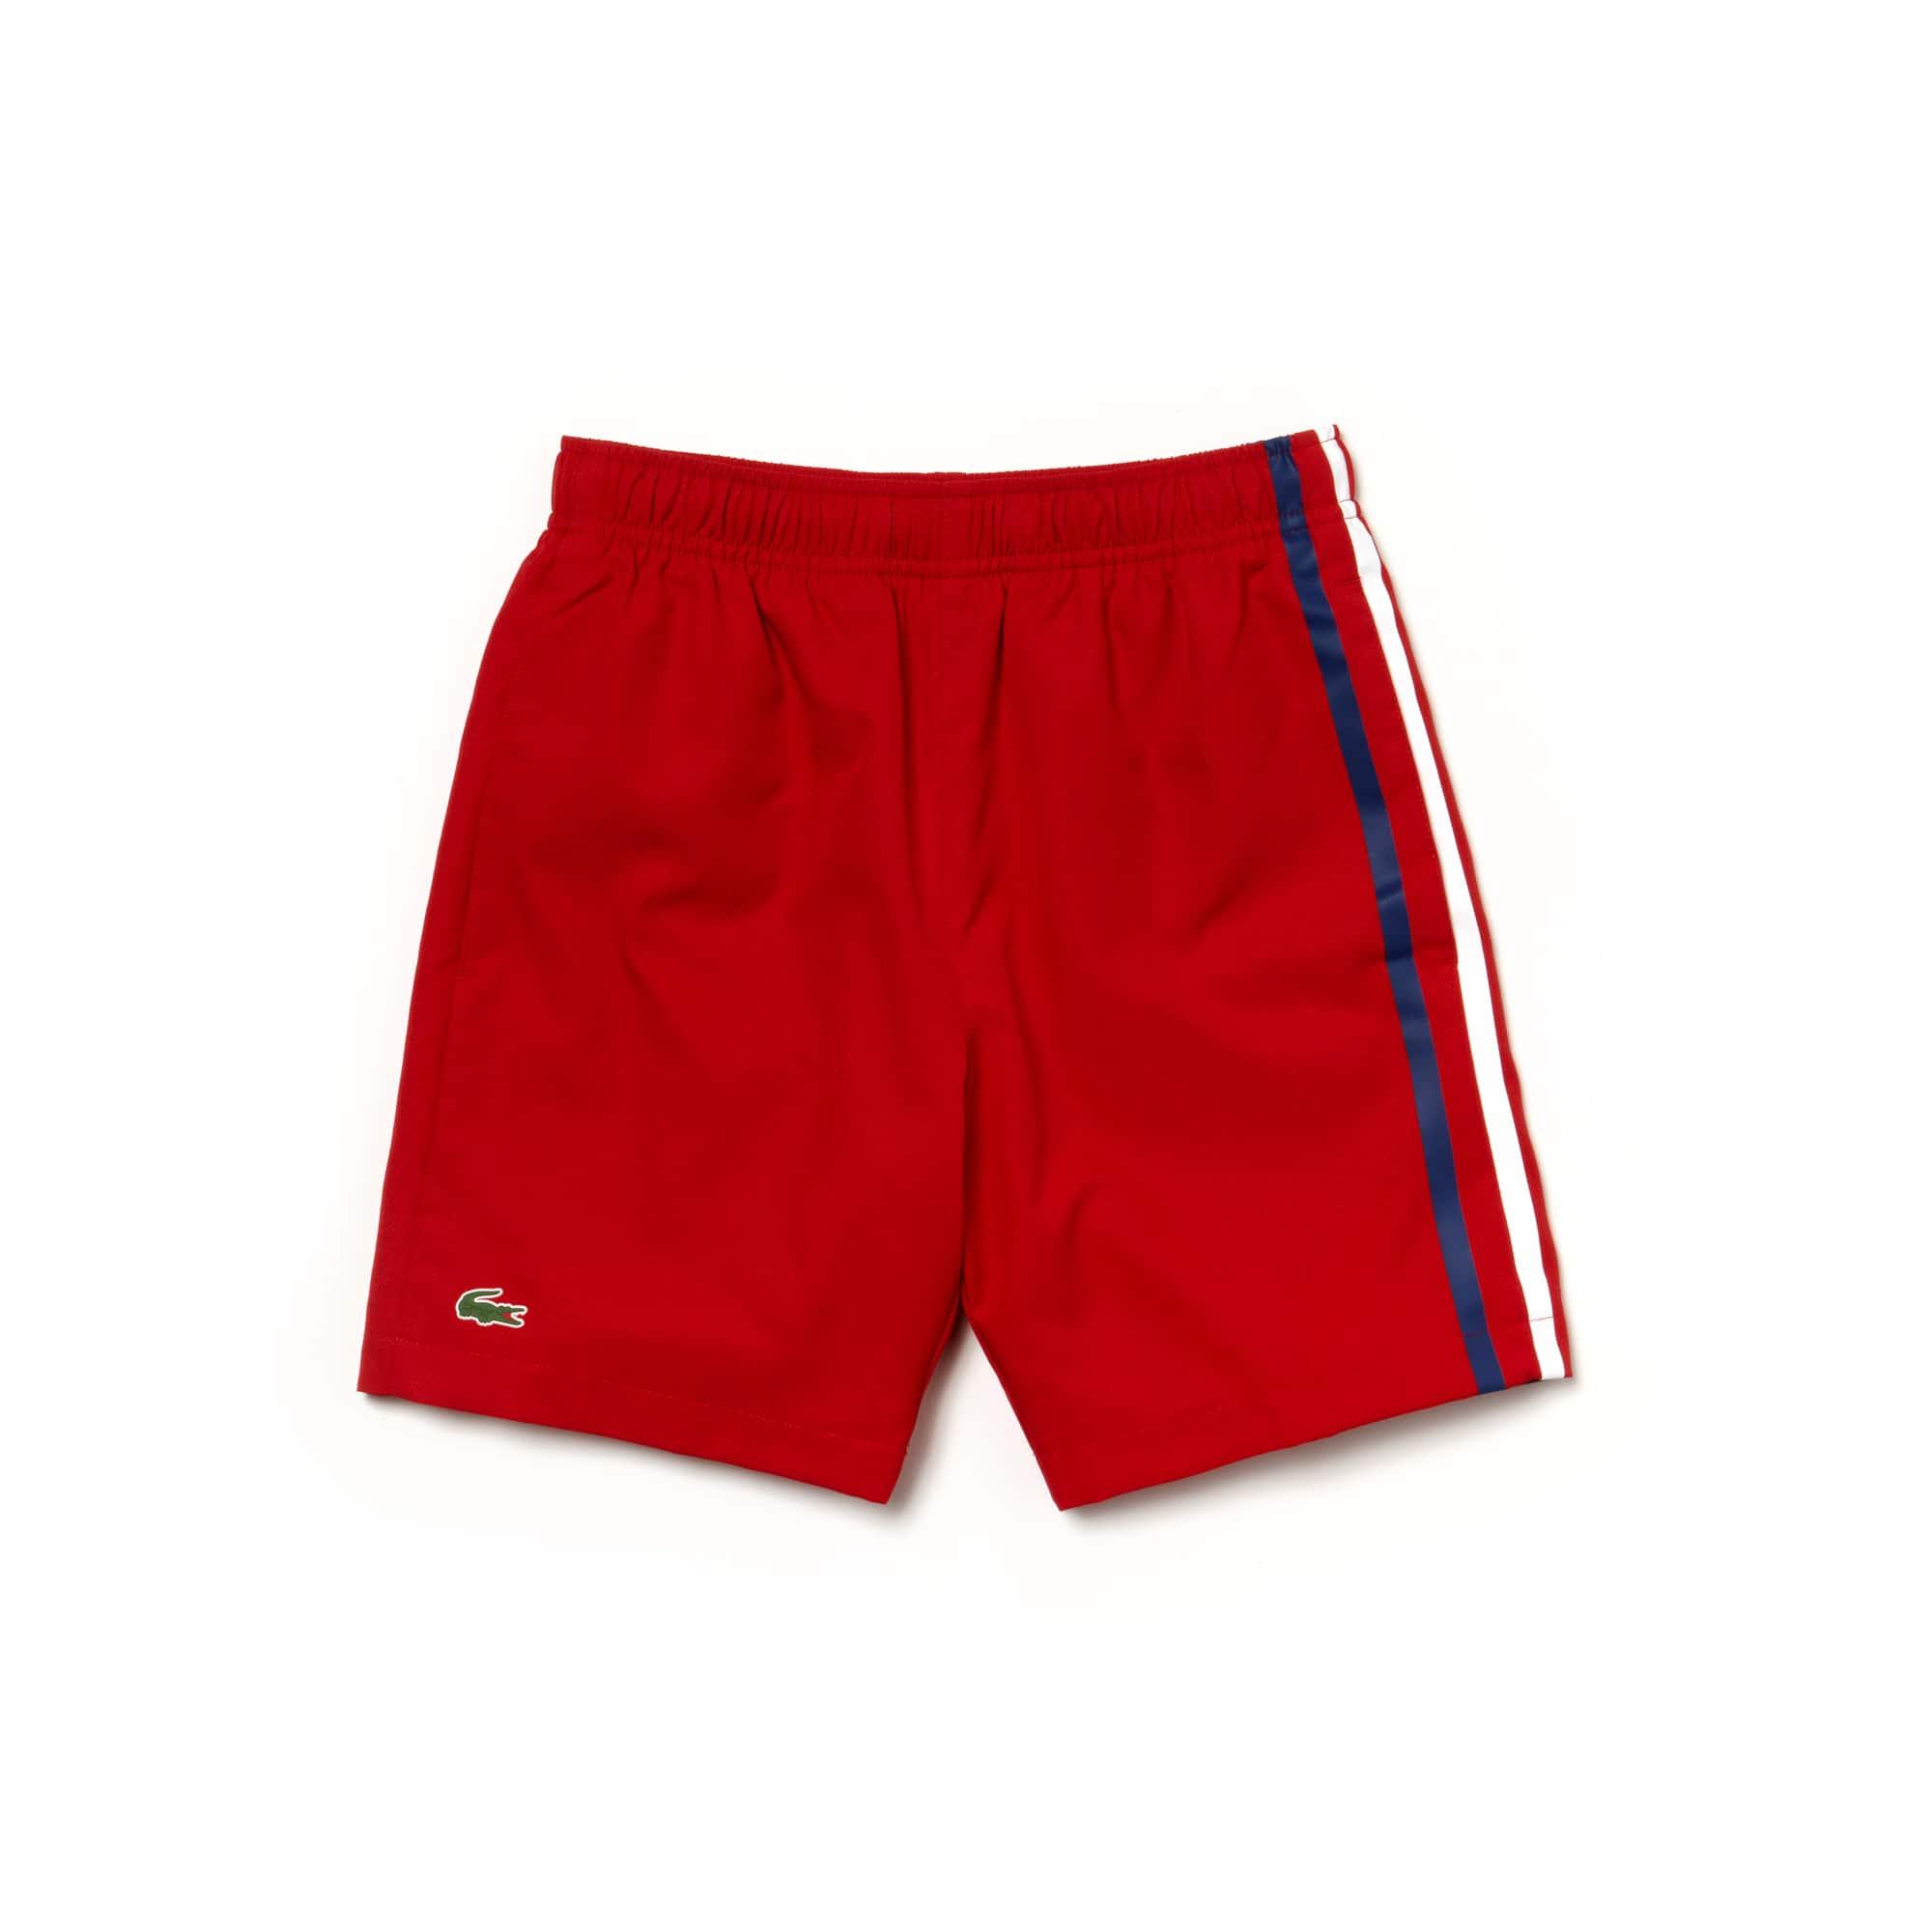 Lacoste SPORT Tennis-short jongens taf met gekleurde strepen